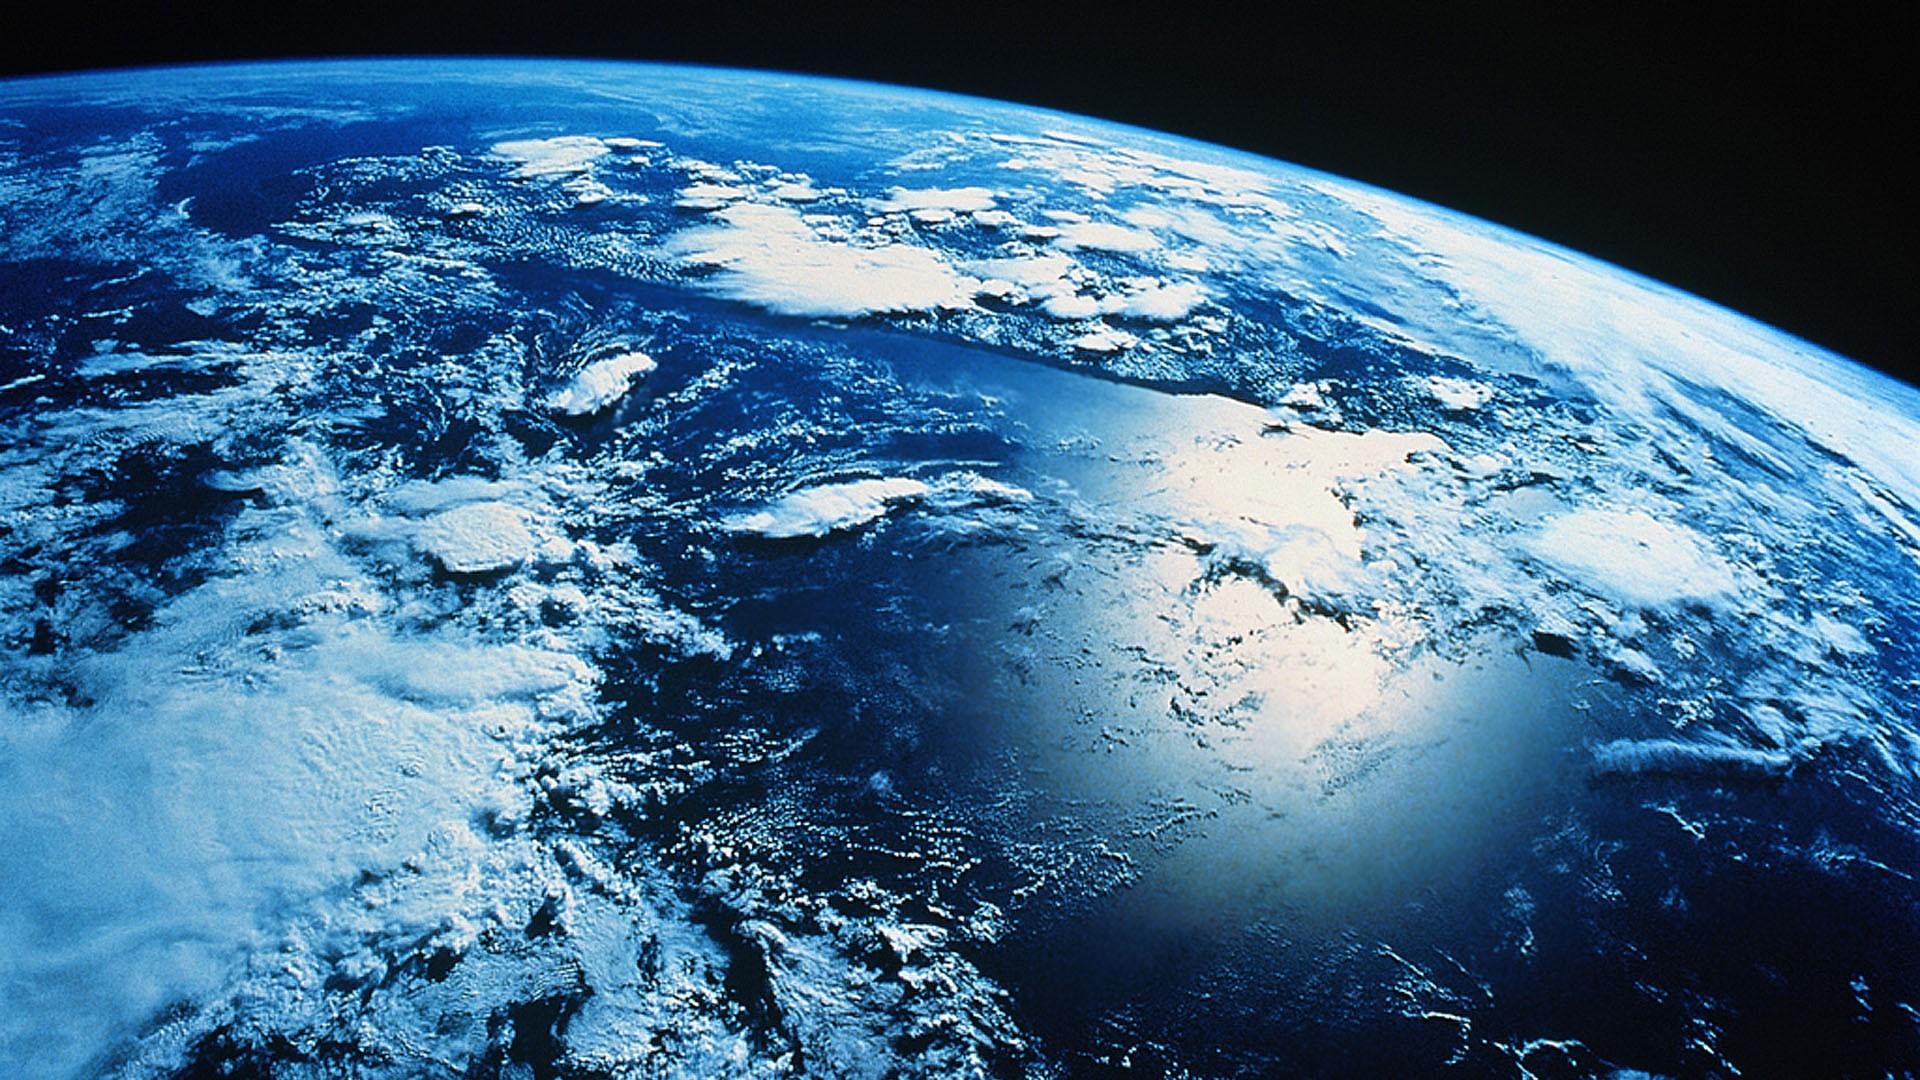 General 1920x1080 Earth clouds orbital view space atmosphere